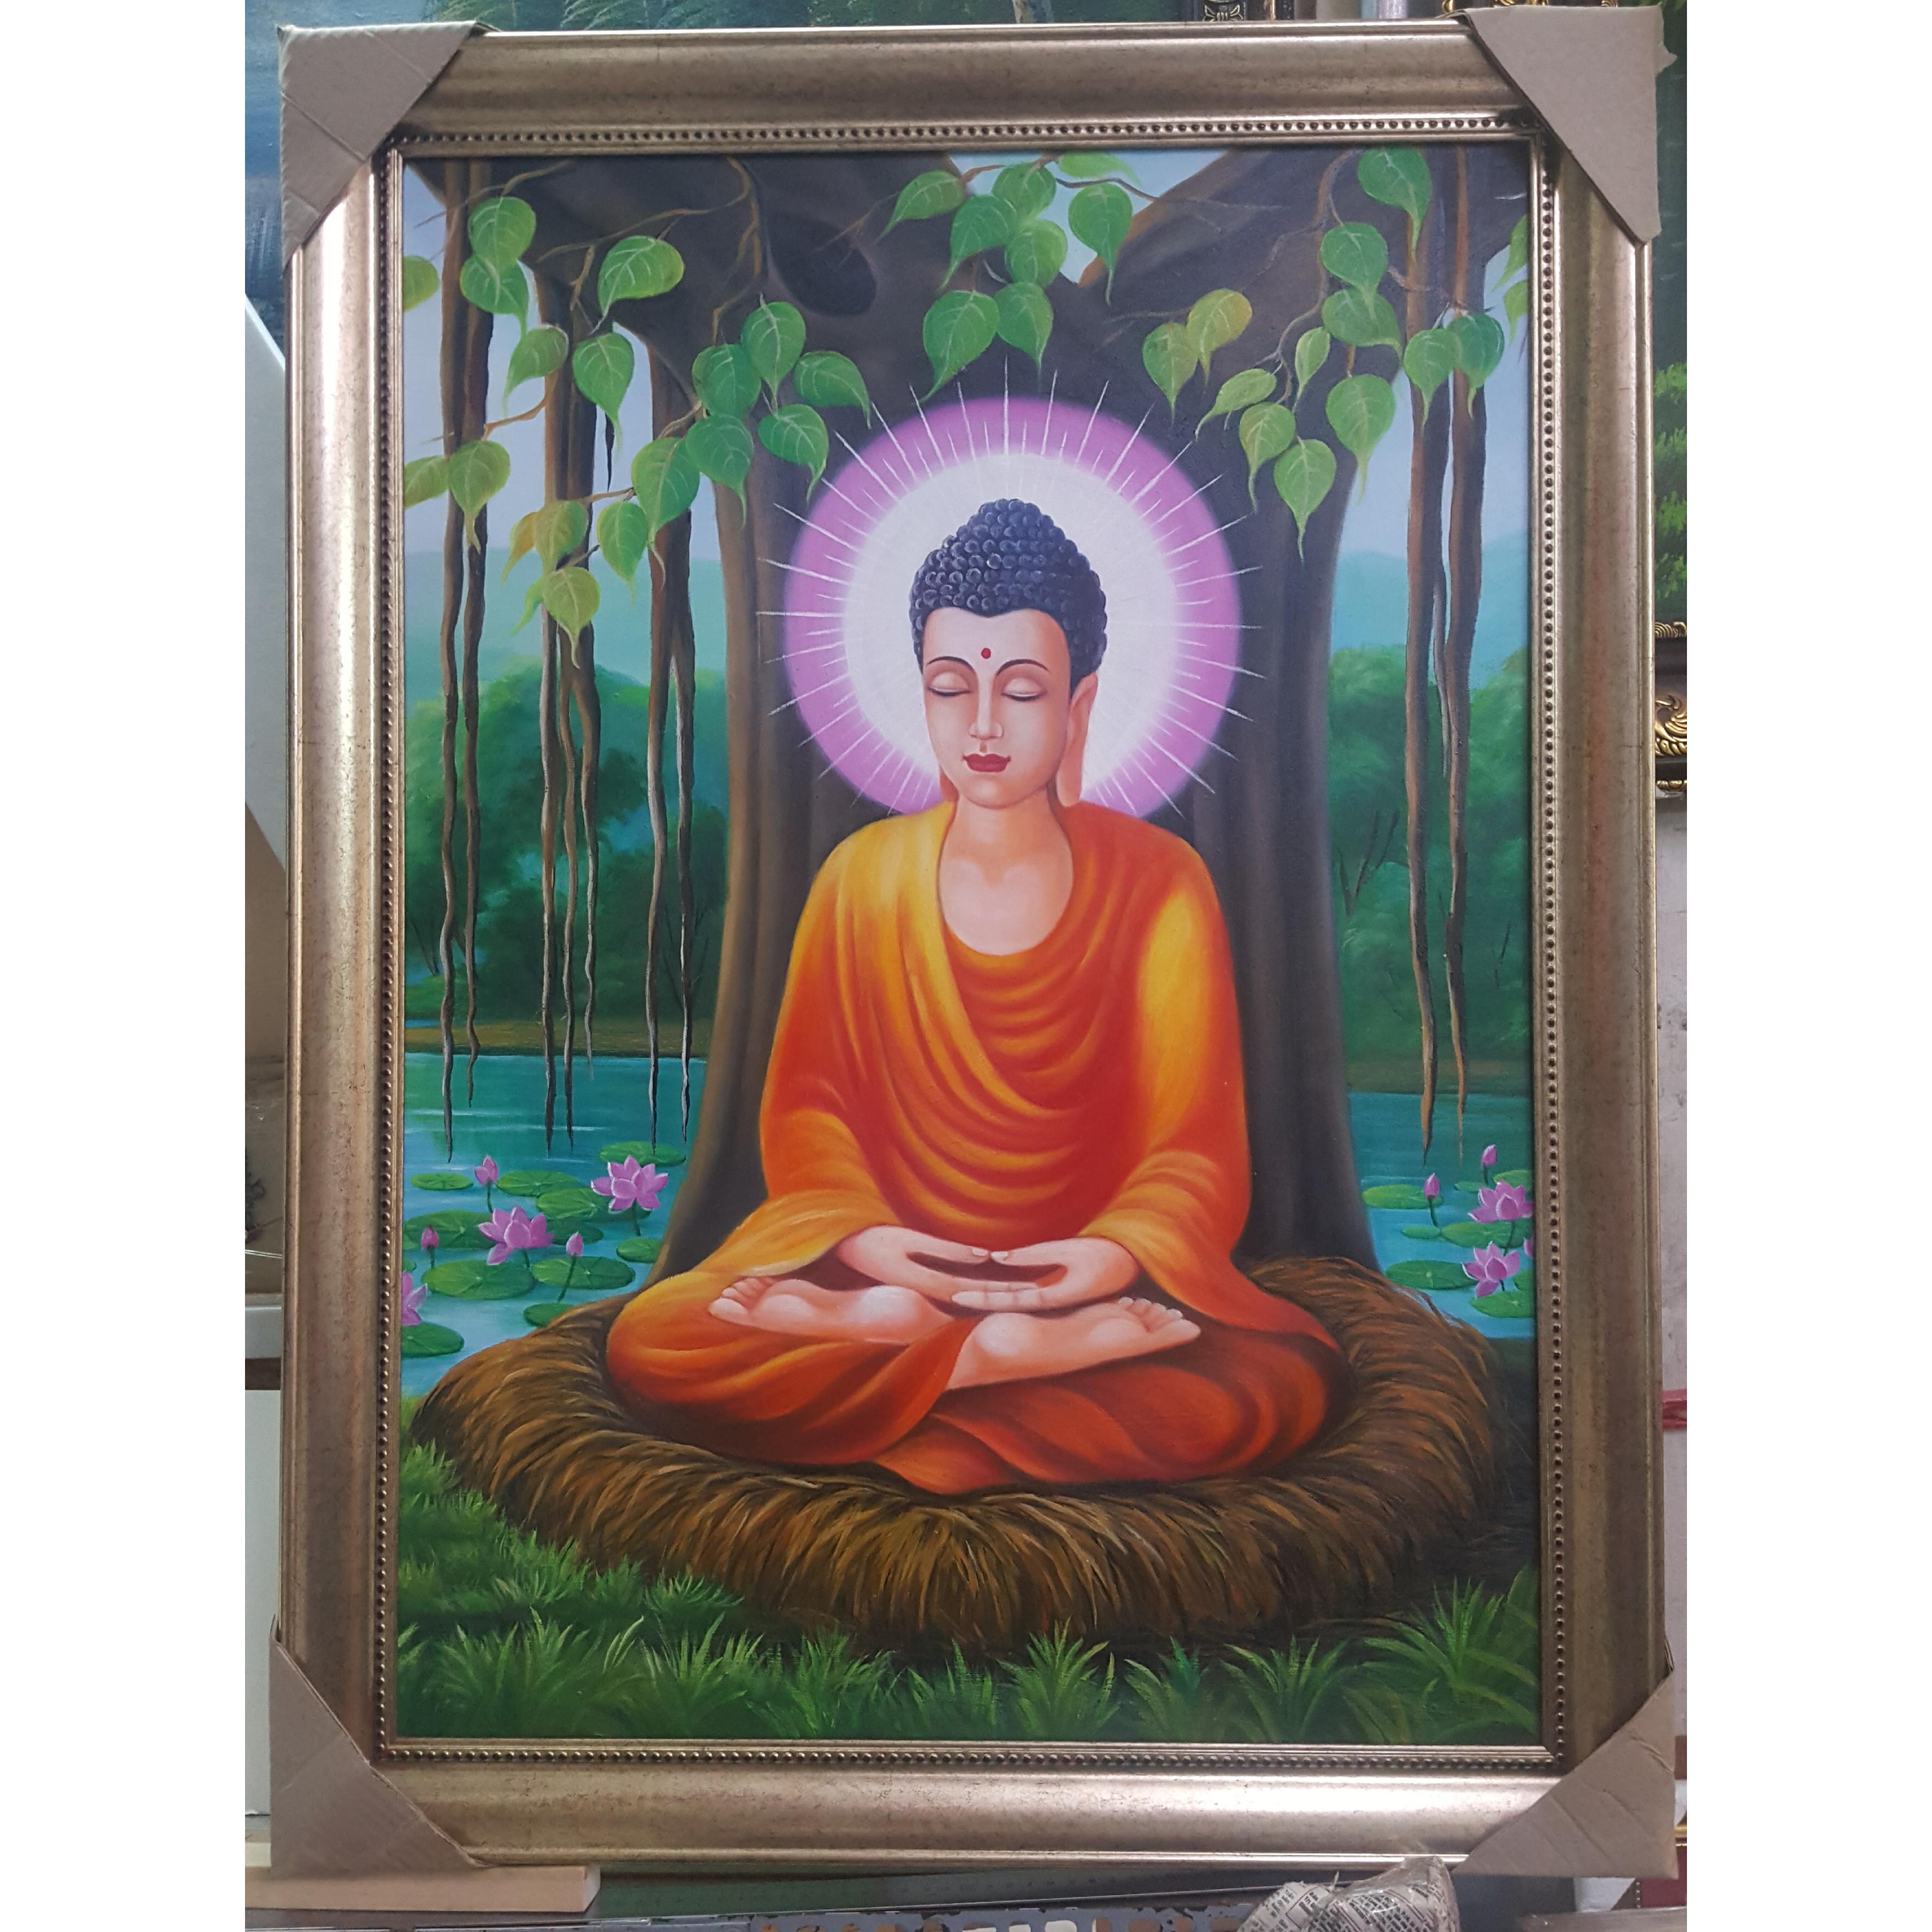 Đức Phật-Tranh sơn dầu vẽ tay Thành Phẩm